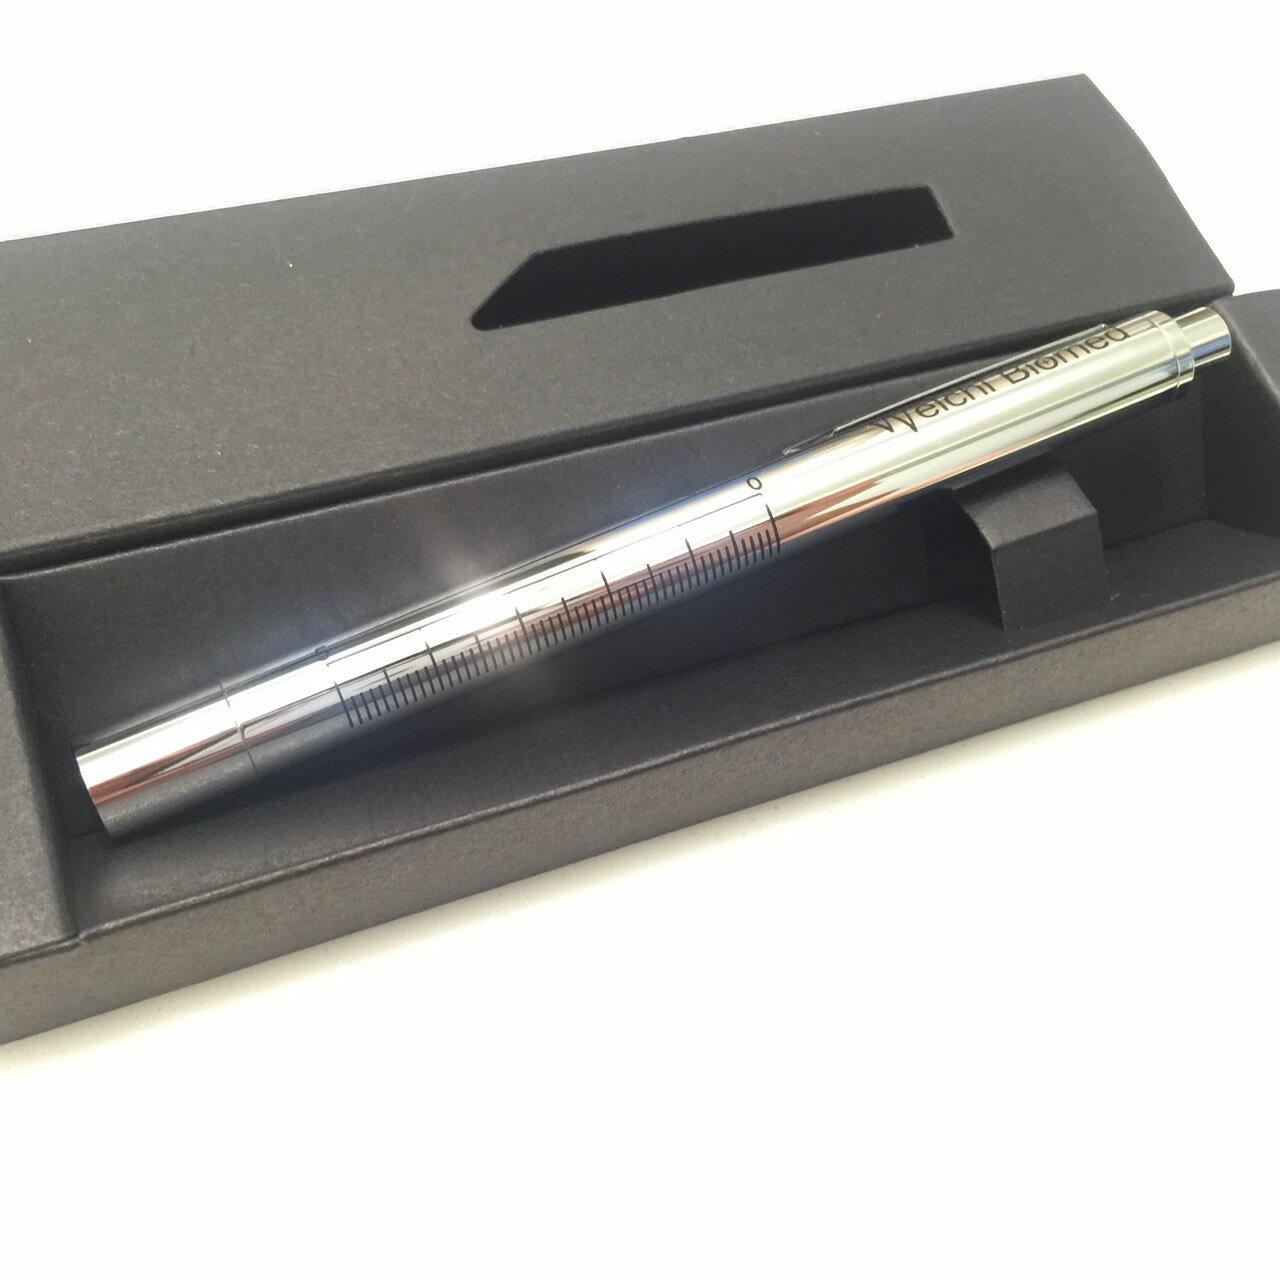 預購【ZK SHOP】littmann/Penlight/筆燈/筆式檢查燈/筆式手電筒/醫用/瞳孔/手電筒/團購